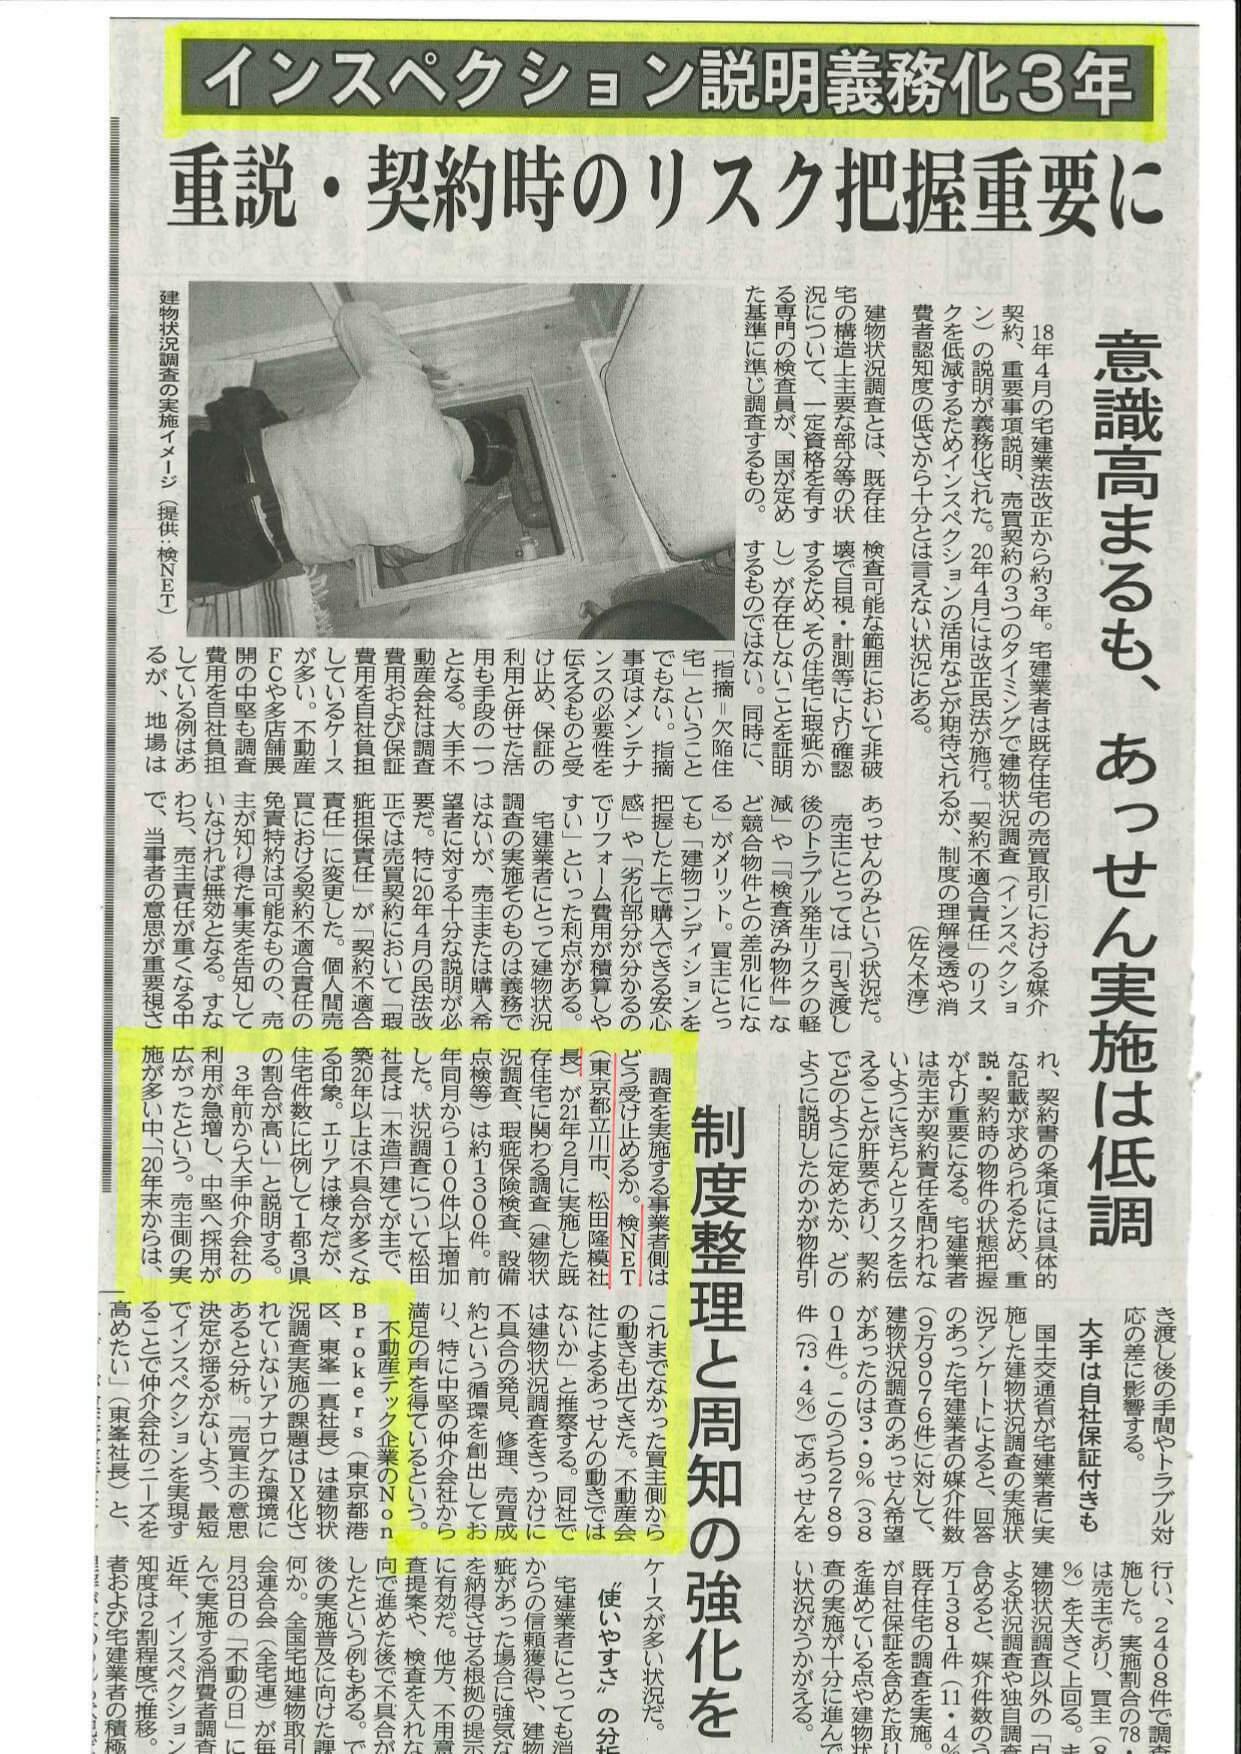 【メディア掲載のお知らせ】住宅新報3月23日号